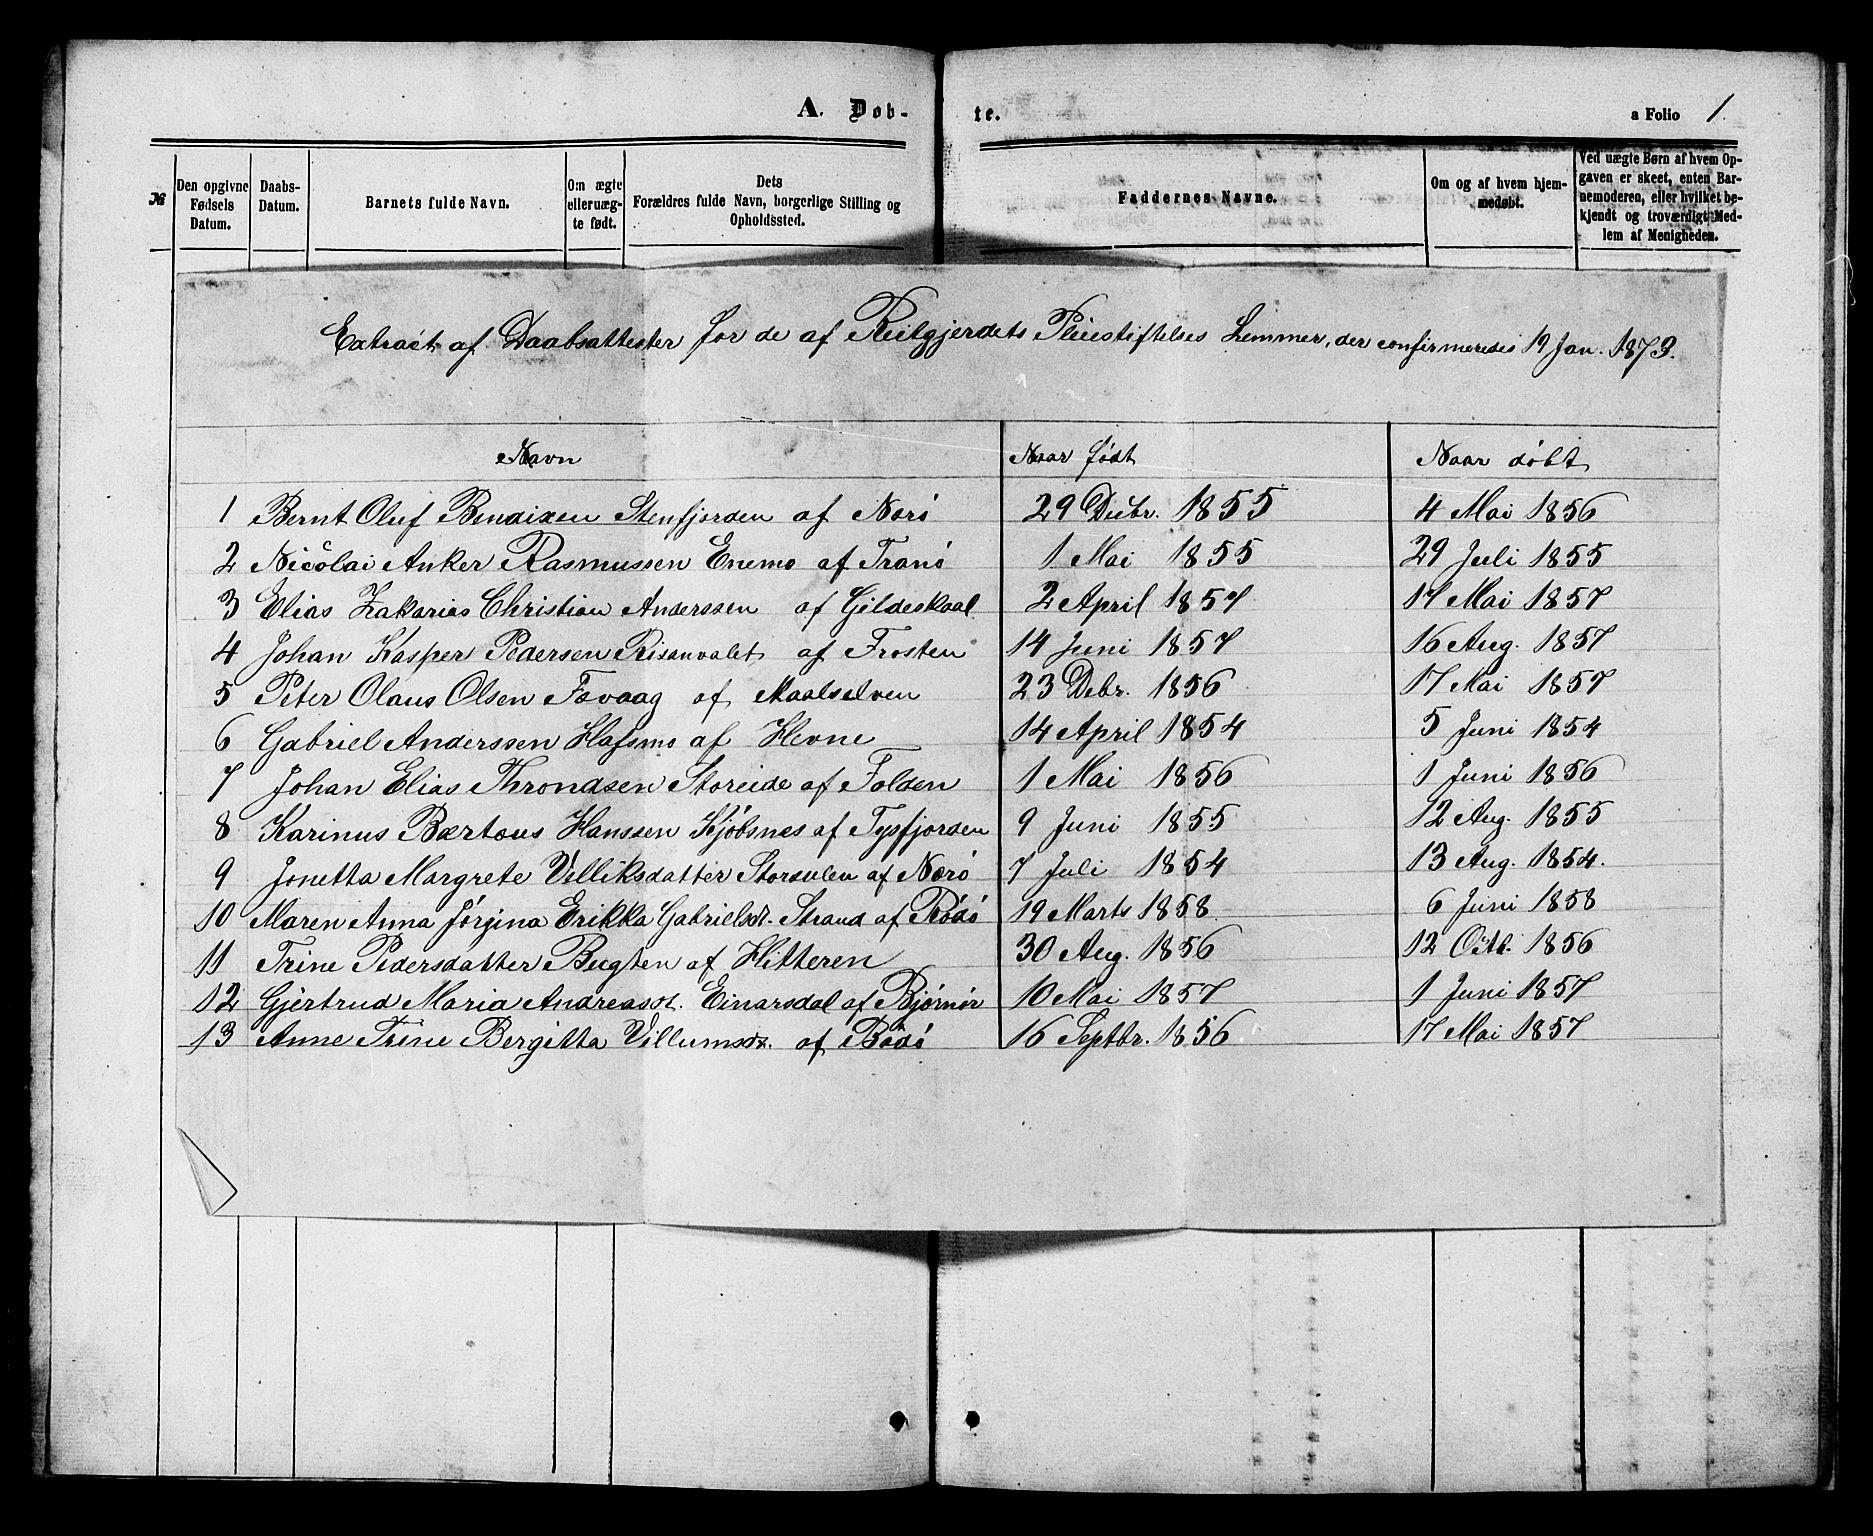 SAT, Ministerialprotokoller, klokkerbøker og fødselsregistre - Sør-Trøndelag, 629/L0485: Ministerialbok nr. 629A01, 1862-1869, s. 1